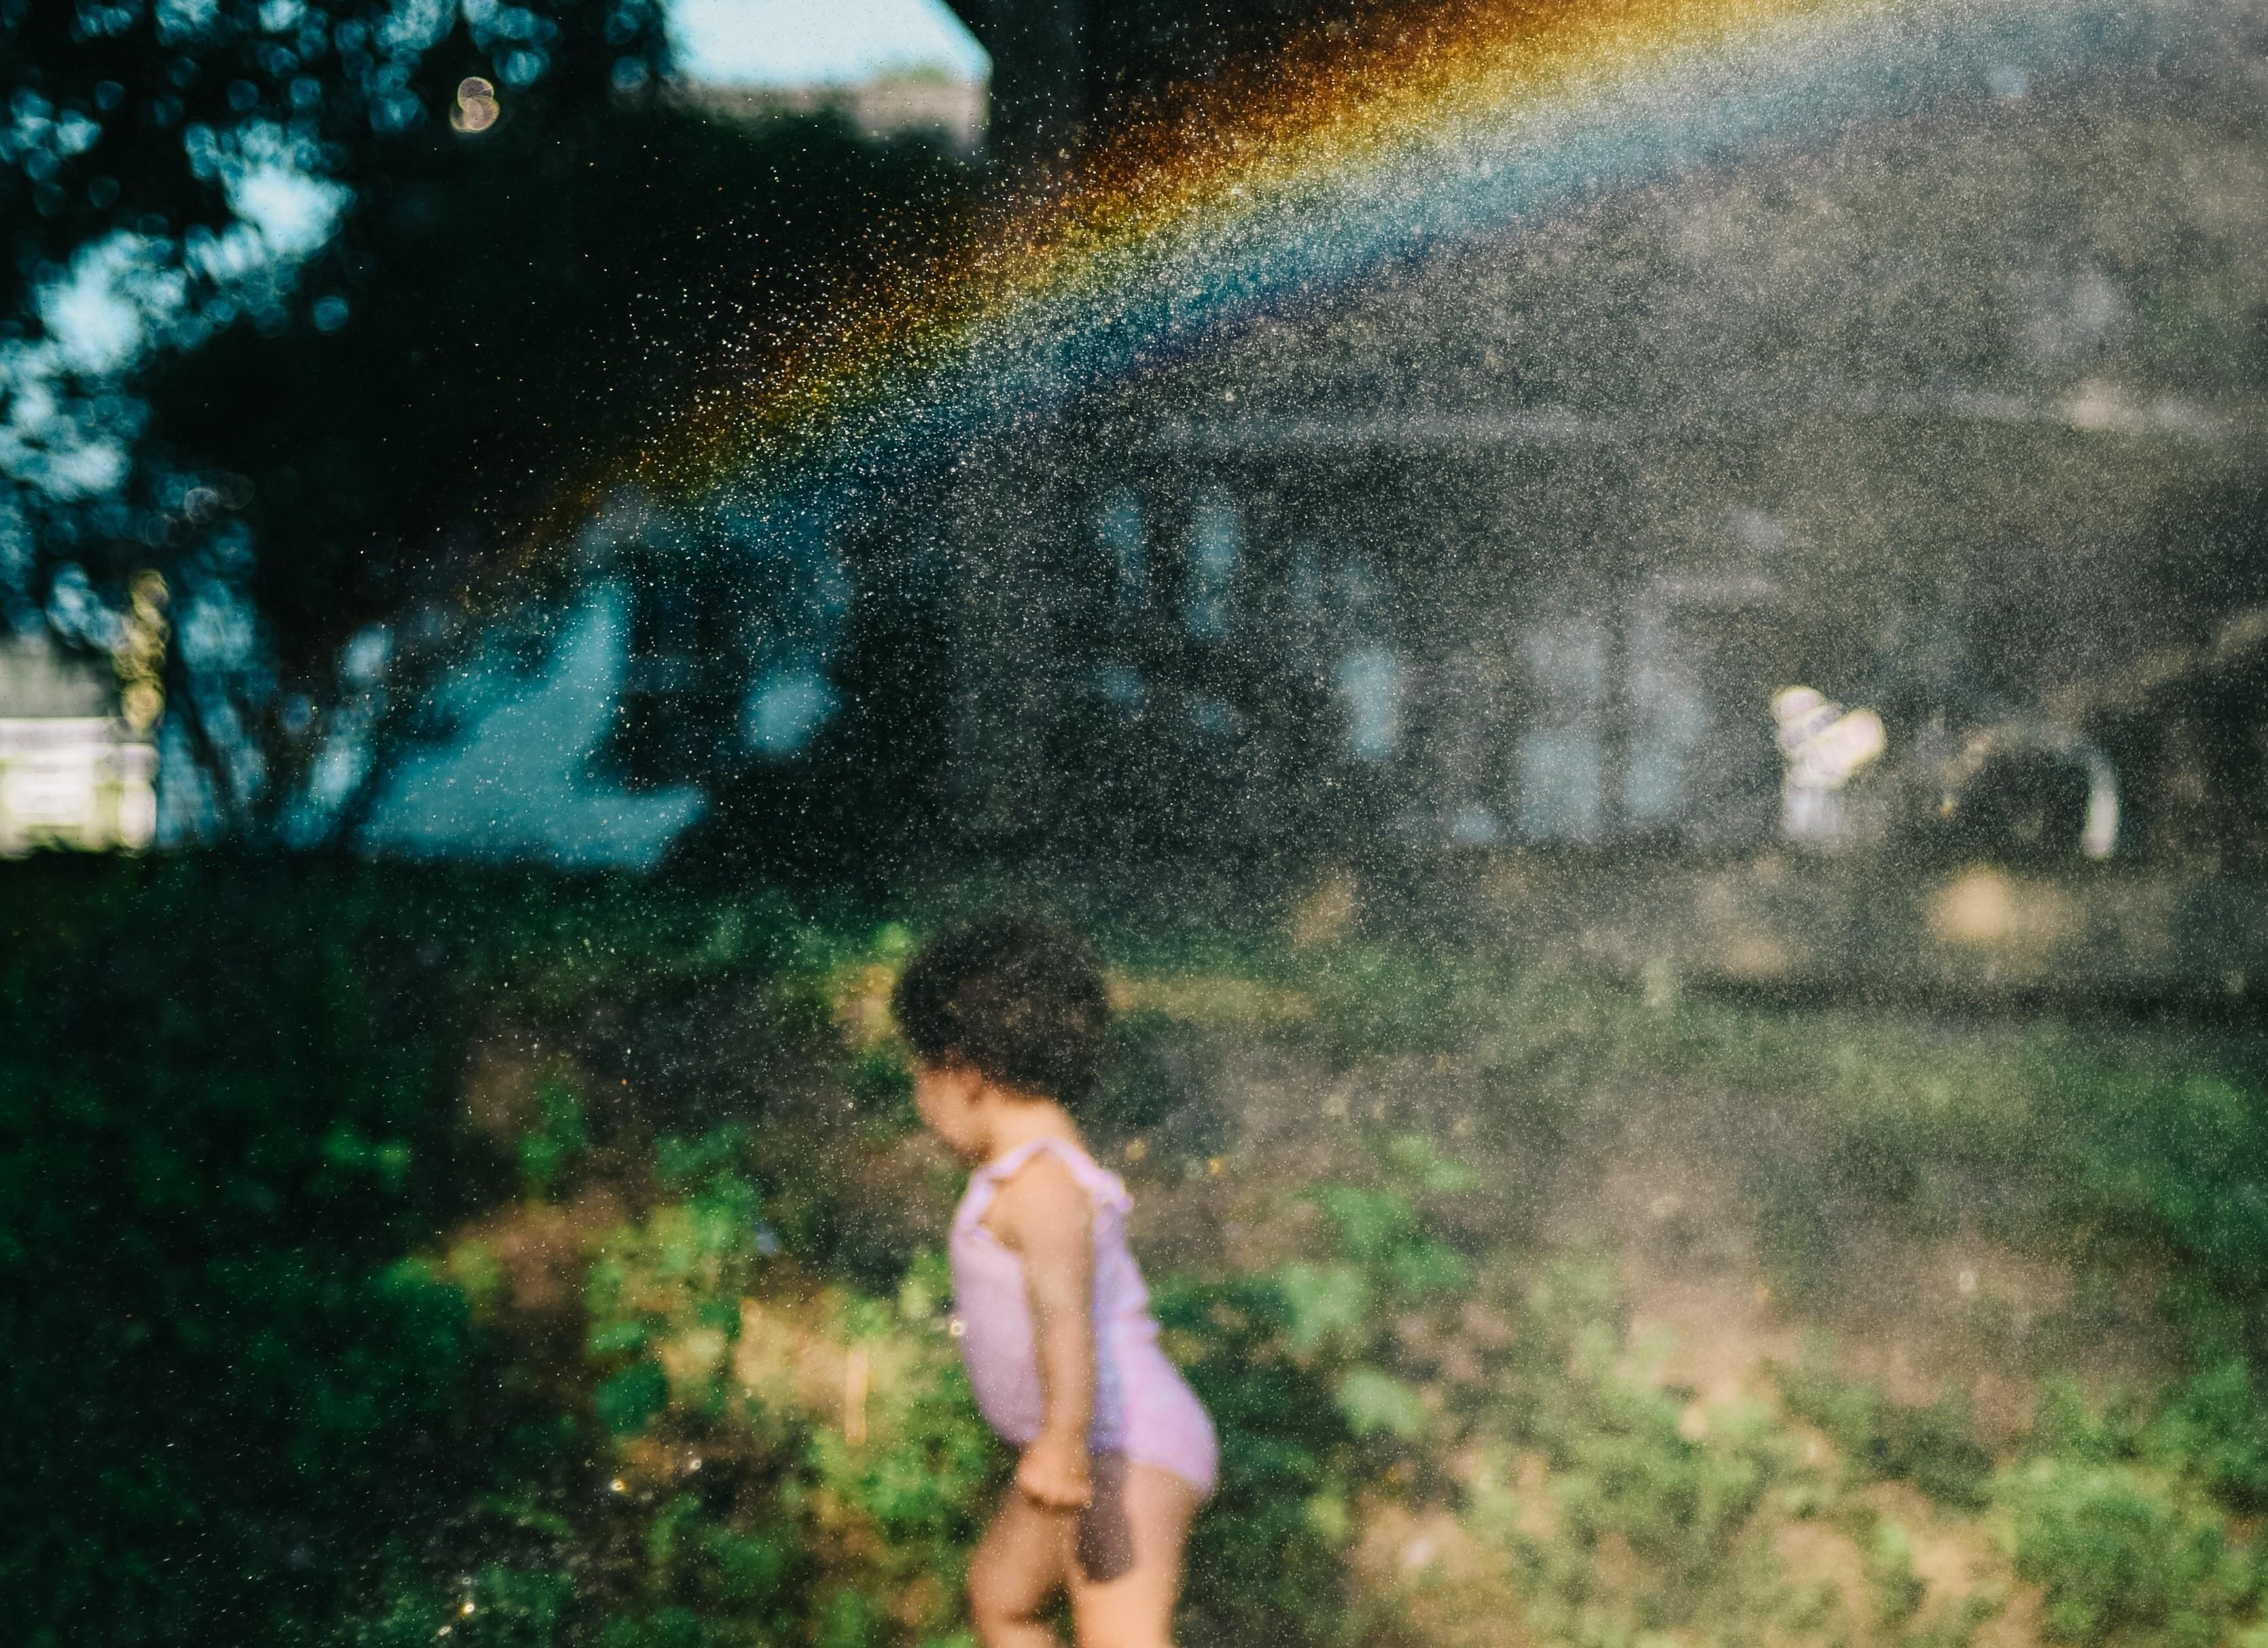 ▲彩虹,家庭,小孩,婚姻,孩子。(圖/取自免費圖庫Pexles)